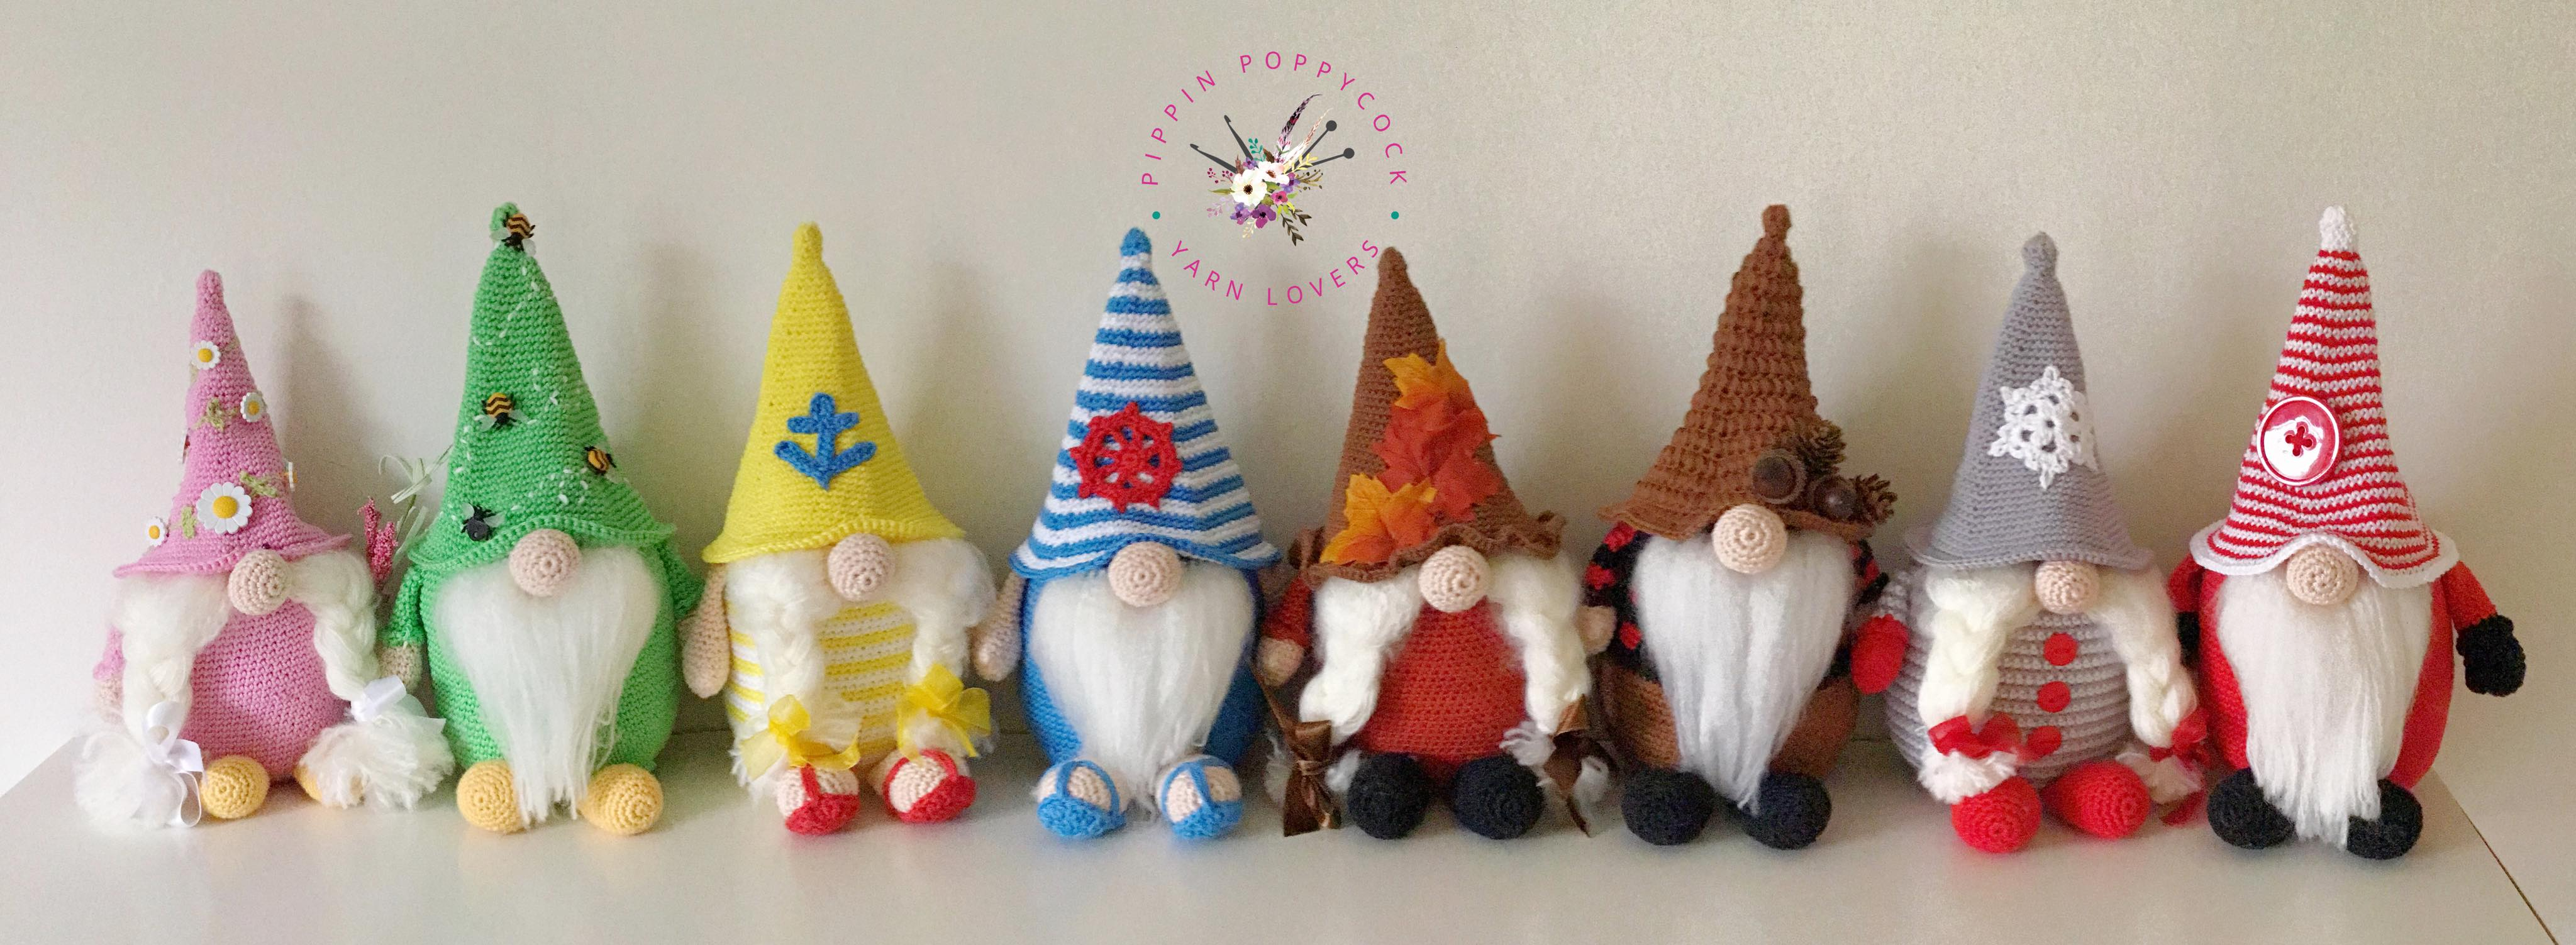 Promo gnomes 1